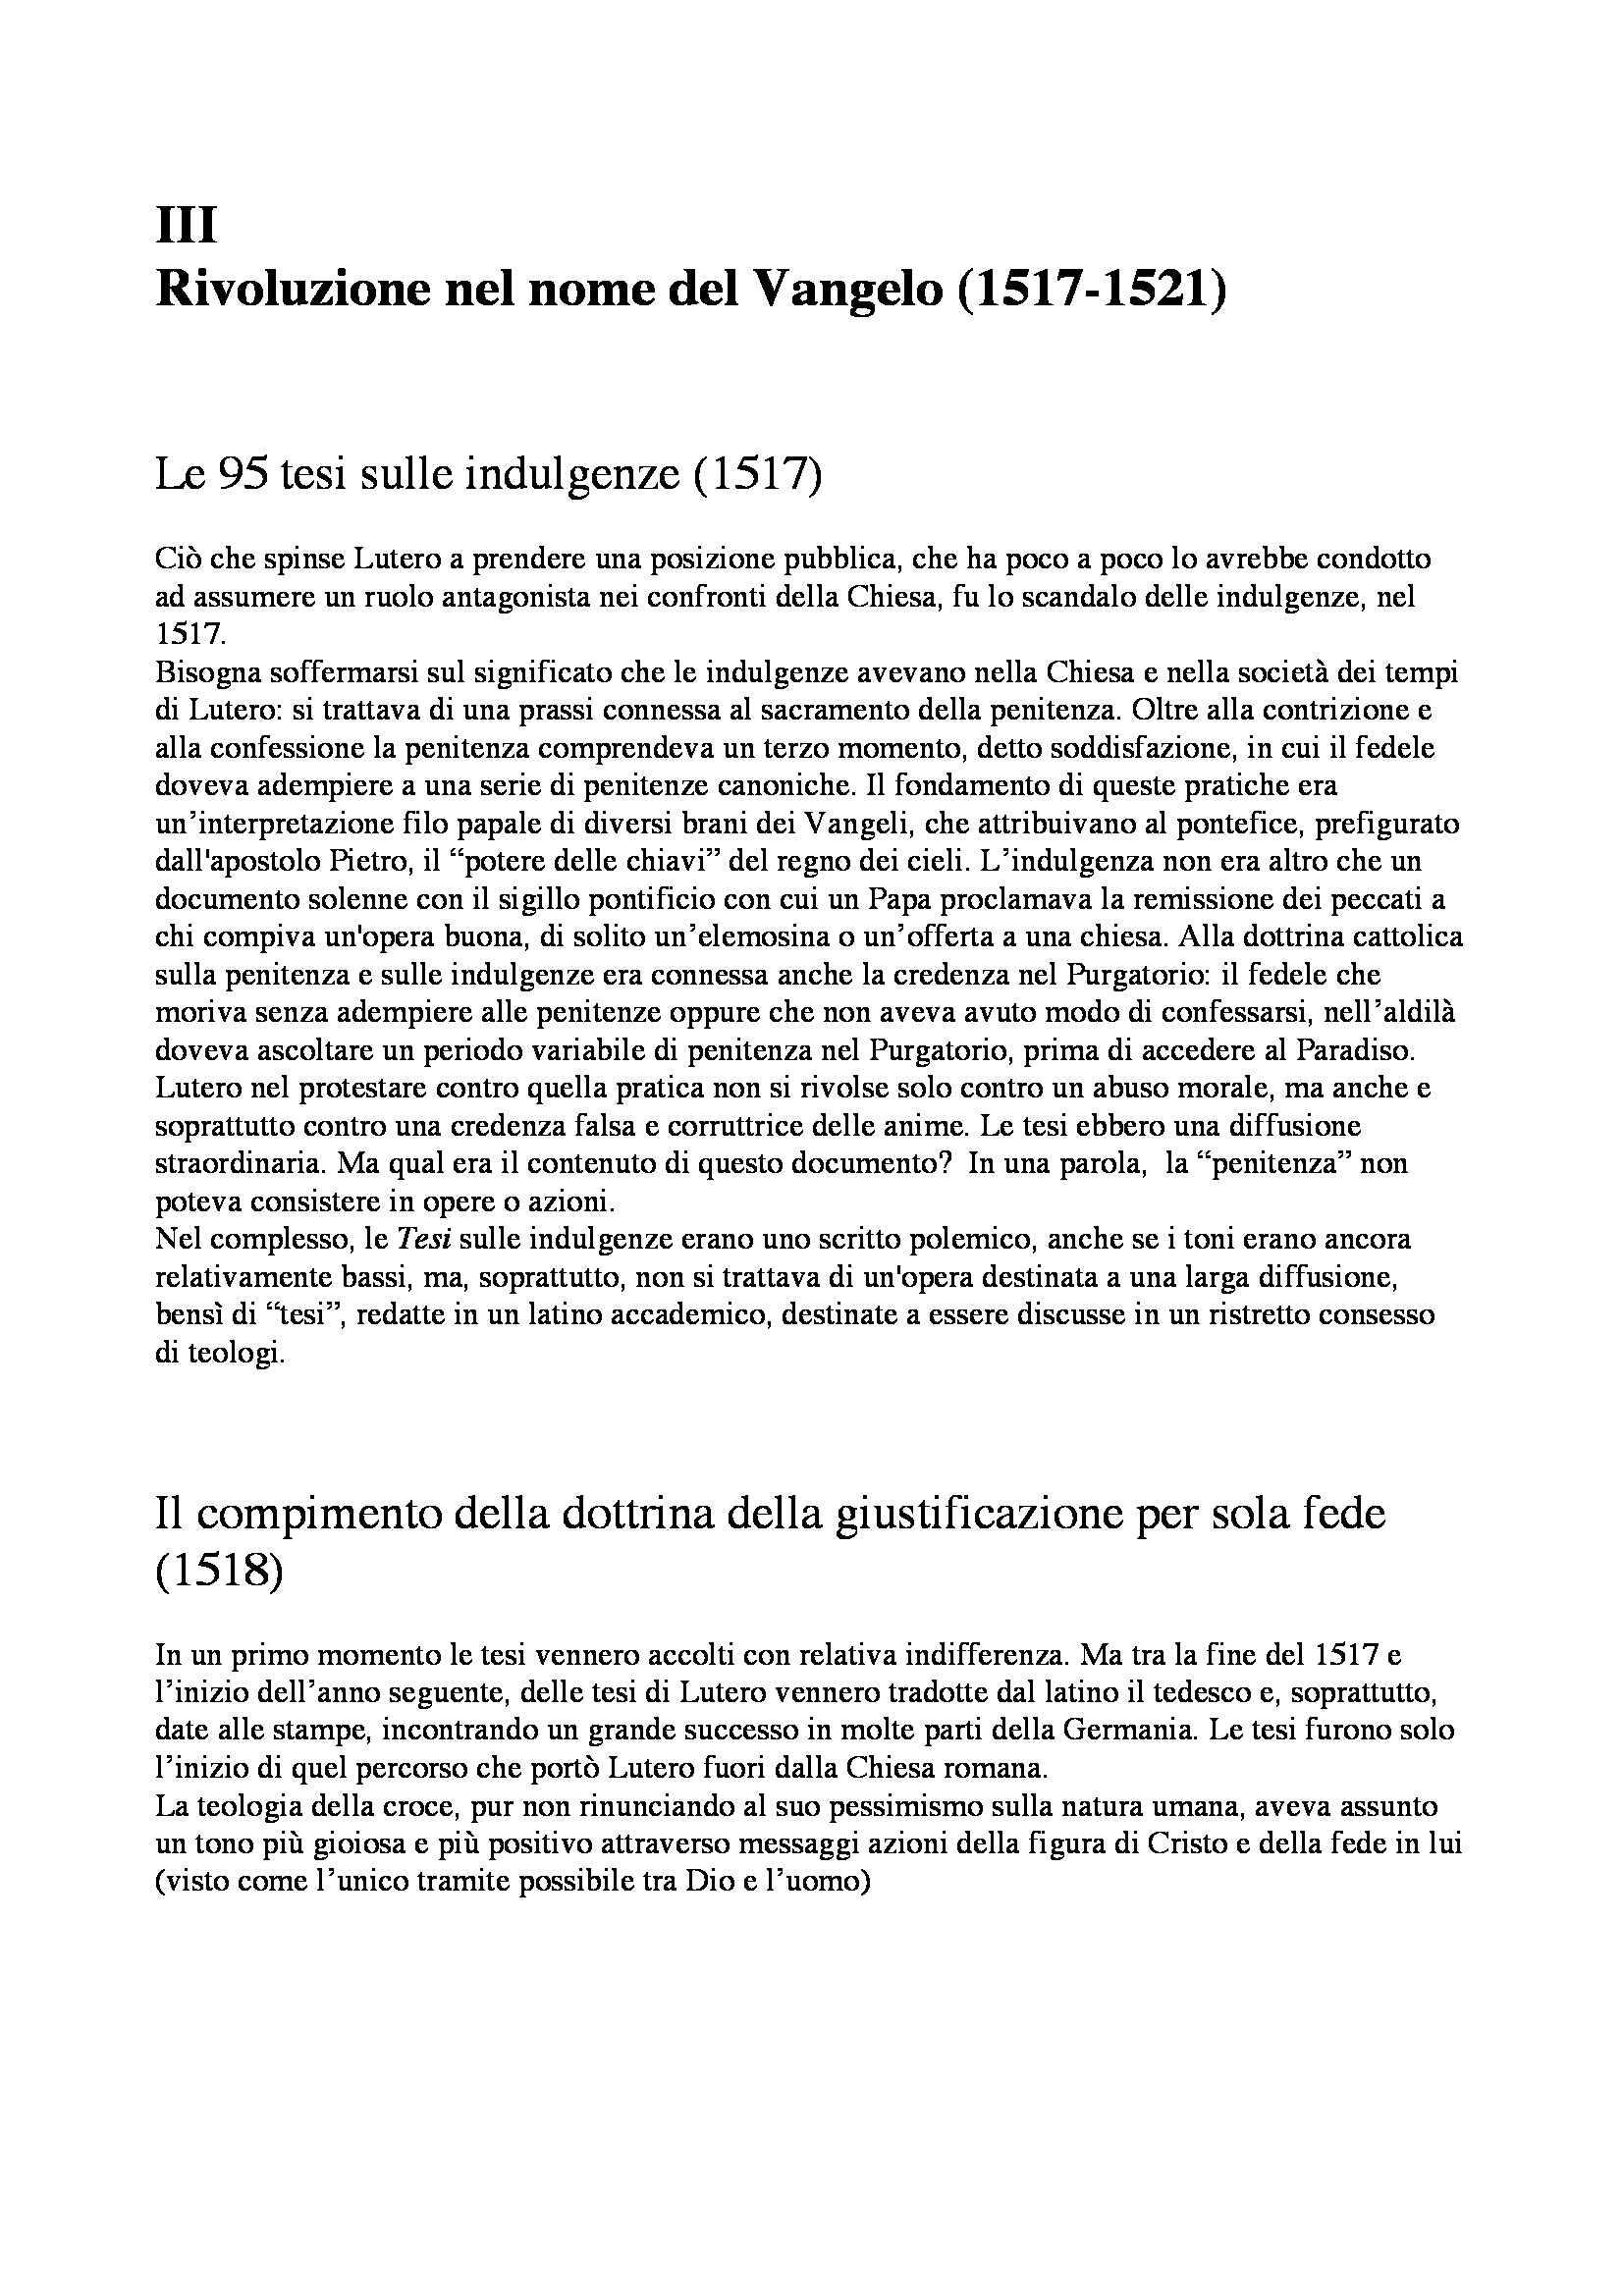 Riassunto esame Storia Moderna: Martin Lutero, prof. Dall'Olio Pag. 6